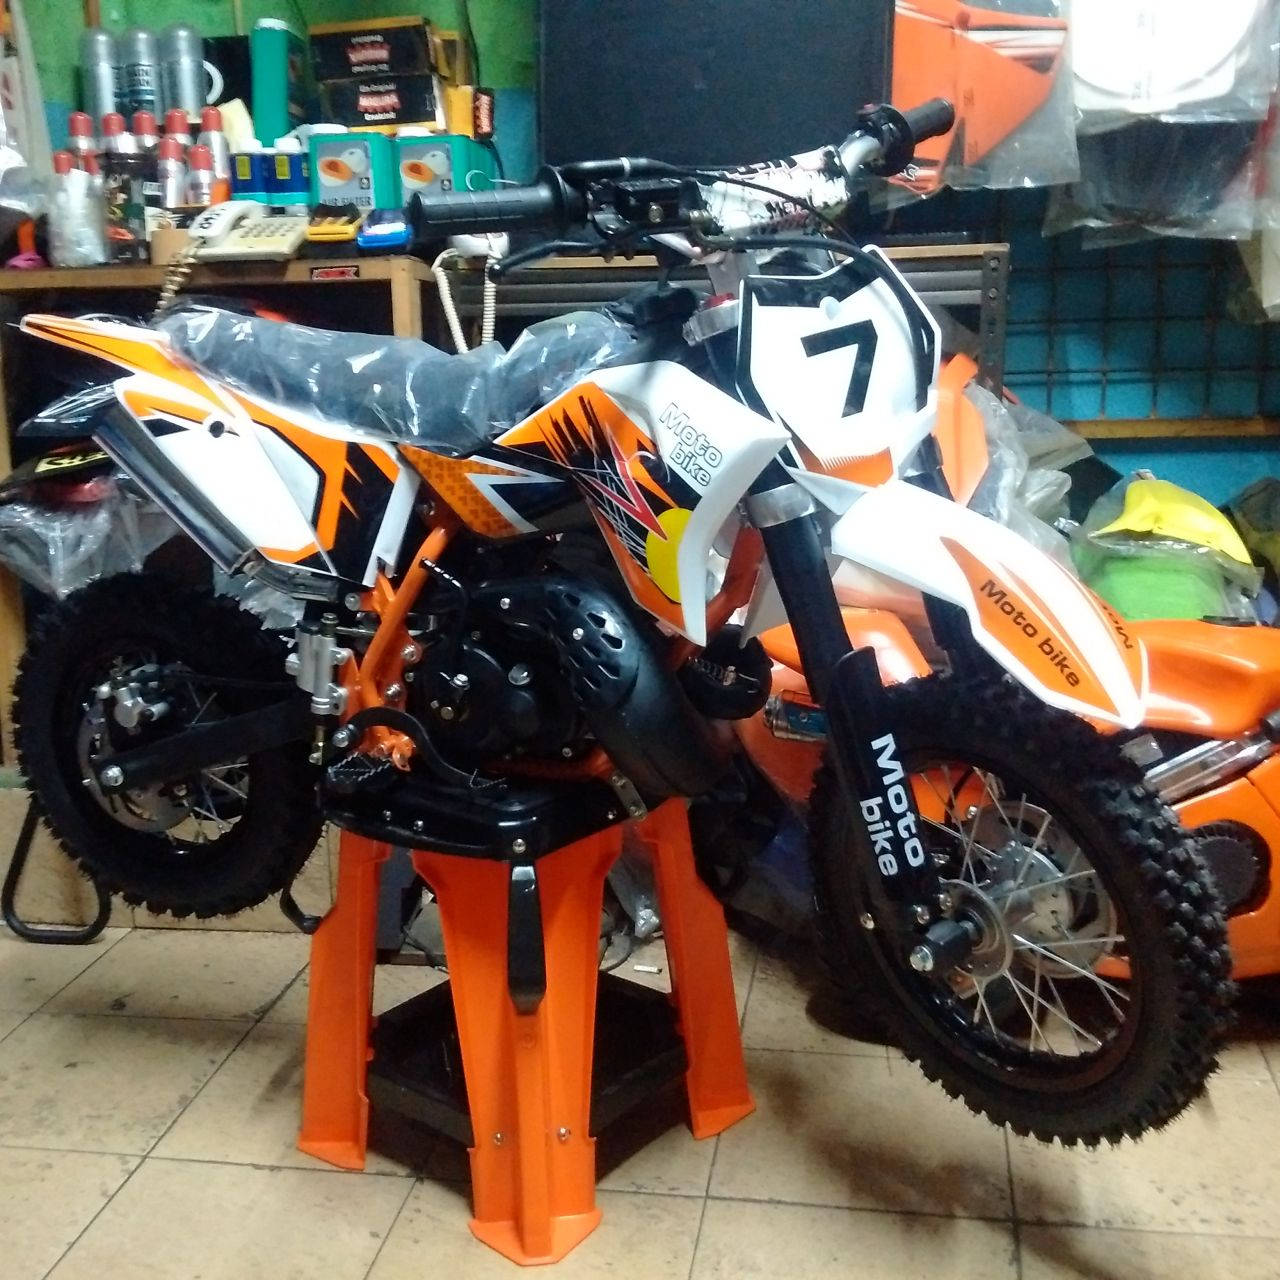 Jual Mini Moto SE 50CC untuk anak merk NEW NRG moto bike ukuran ban depan 12 ban belakang ukuran 10 pelek almunium mesin 2 tak MATIC tinggal Gass Rp.7,950,000